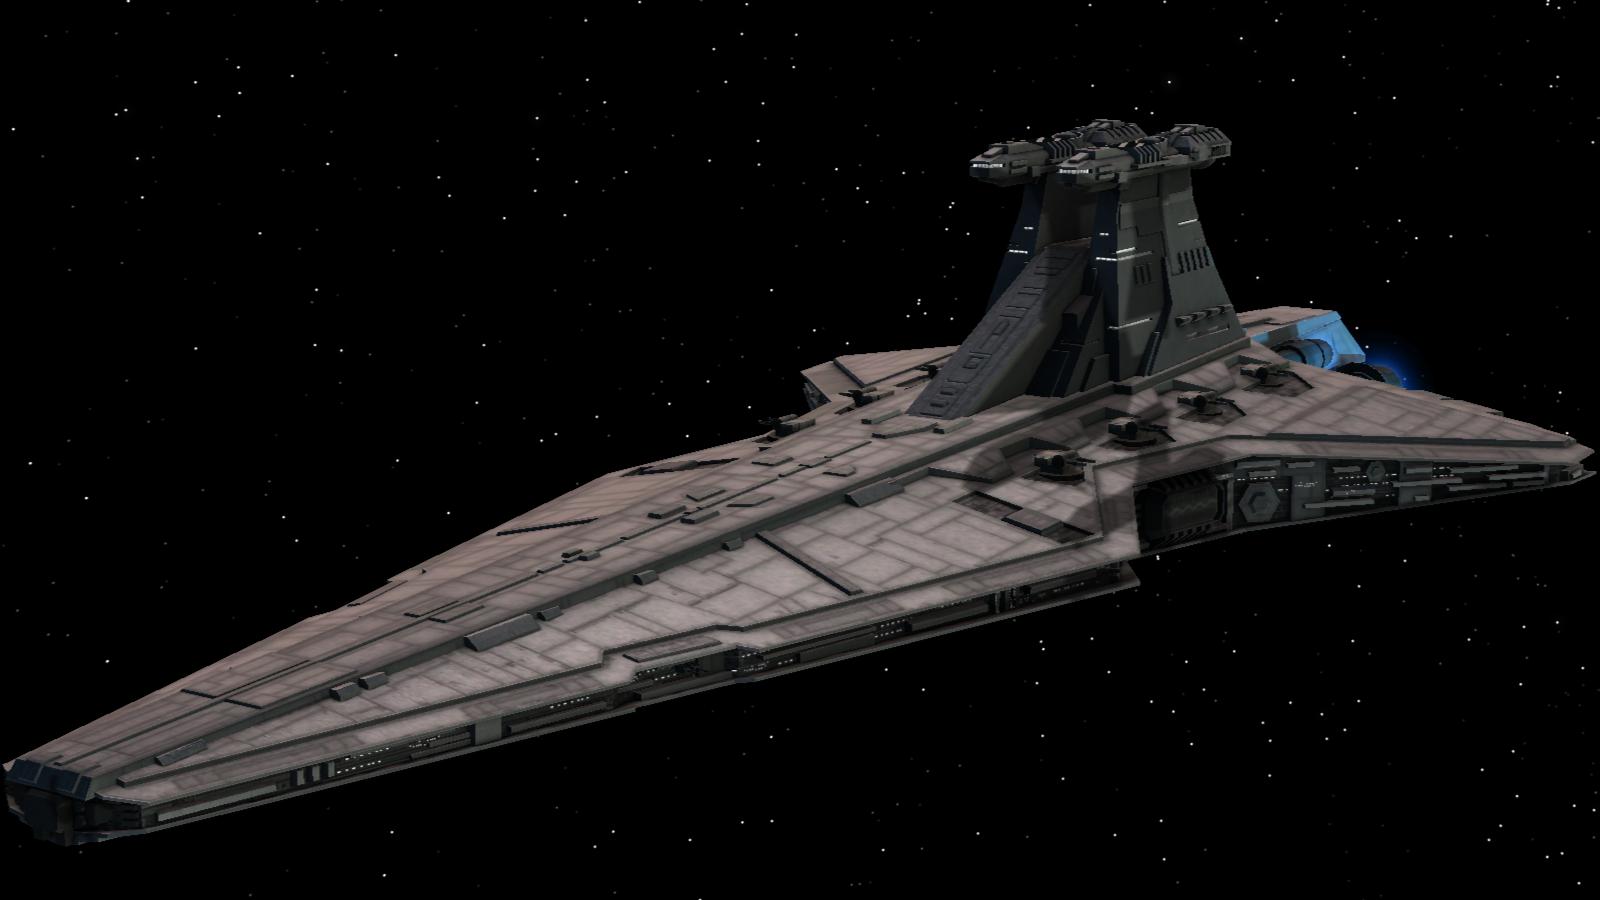 Venator Class Star Destroyer Empire Awakening Of The Rebellion